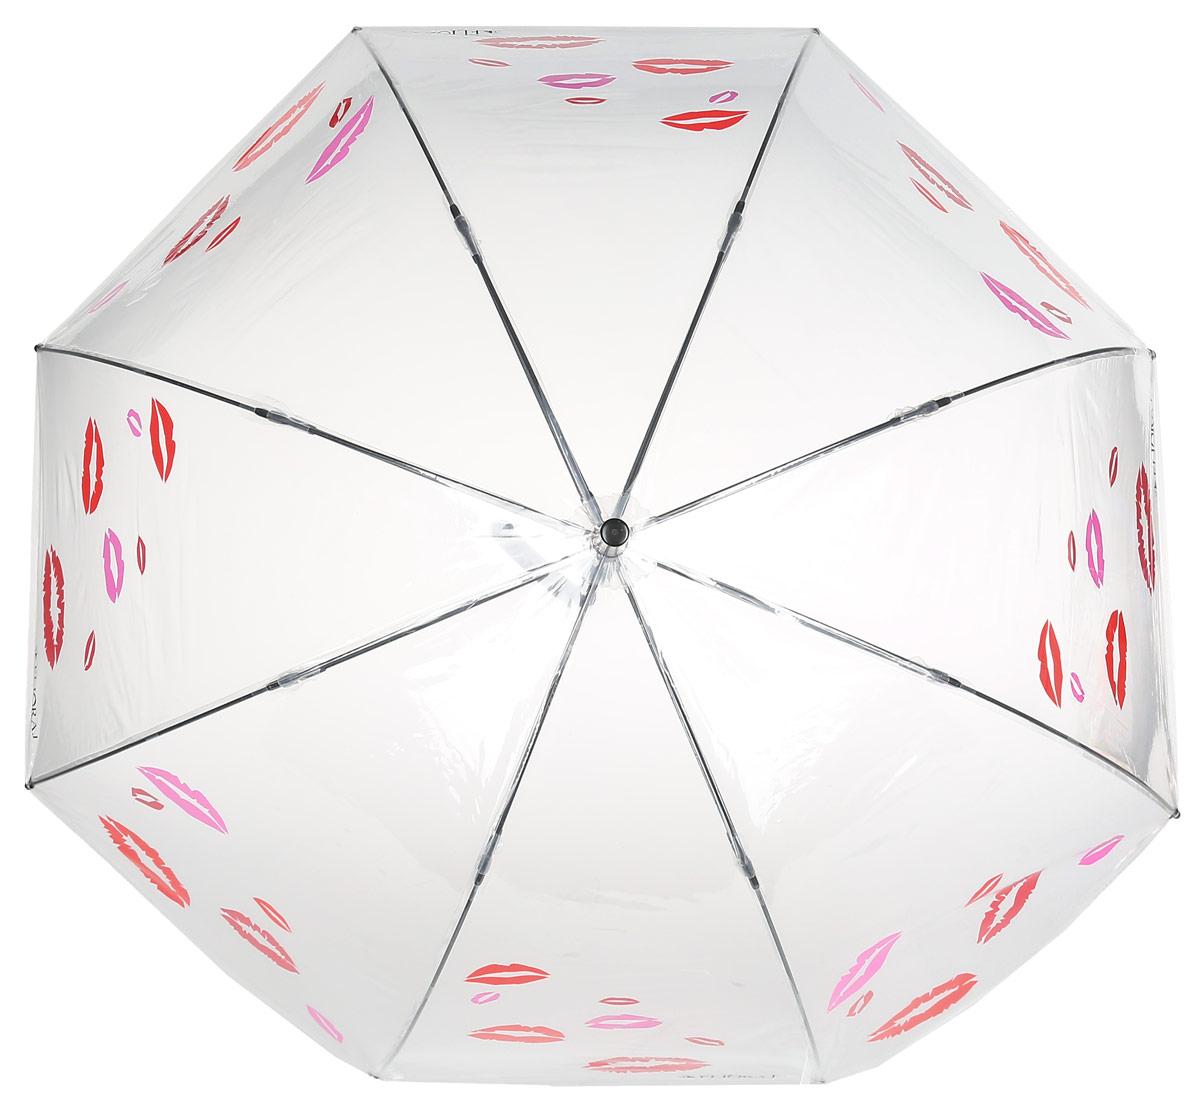 Зонт женский Flioraj, механика, трость, цвет: красный, белый. 121204 FJ45100948B/32793/5900NЭлегантный зонт Flioraj выполнен из высококачественного полиэстера, не пропускающего воду. Уникальный каркас из анодированной стали, карбоновые спицы помогут выдержать натиск ураганного ветра. Улучшенный механизм зонта, максимально комфортная ручка держателя, увеличенный в длину стержень, тефлоновая пропитка материала купола - совершенство конструкции с изысканностью изделия на фоне конкурентоспособной цены.